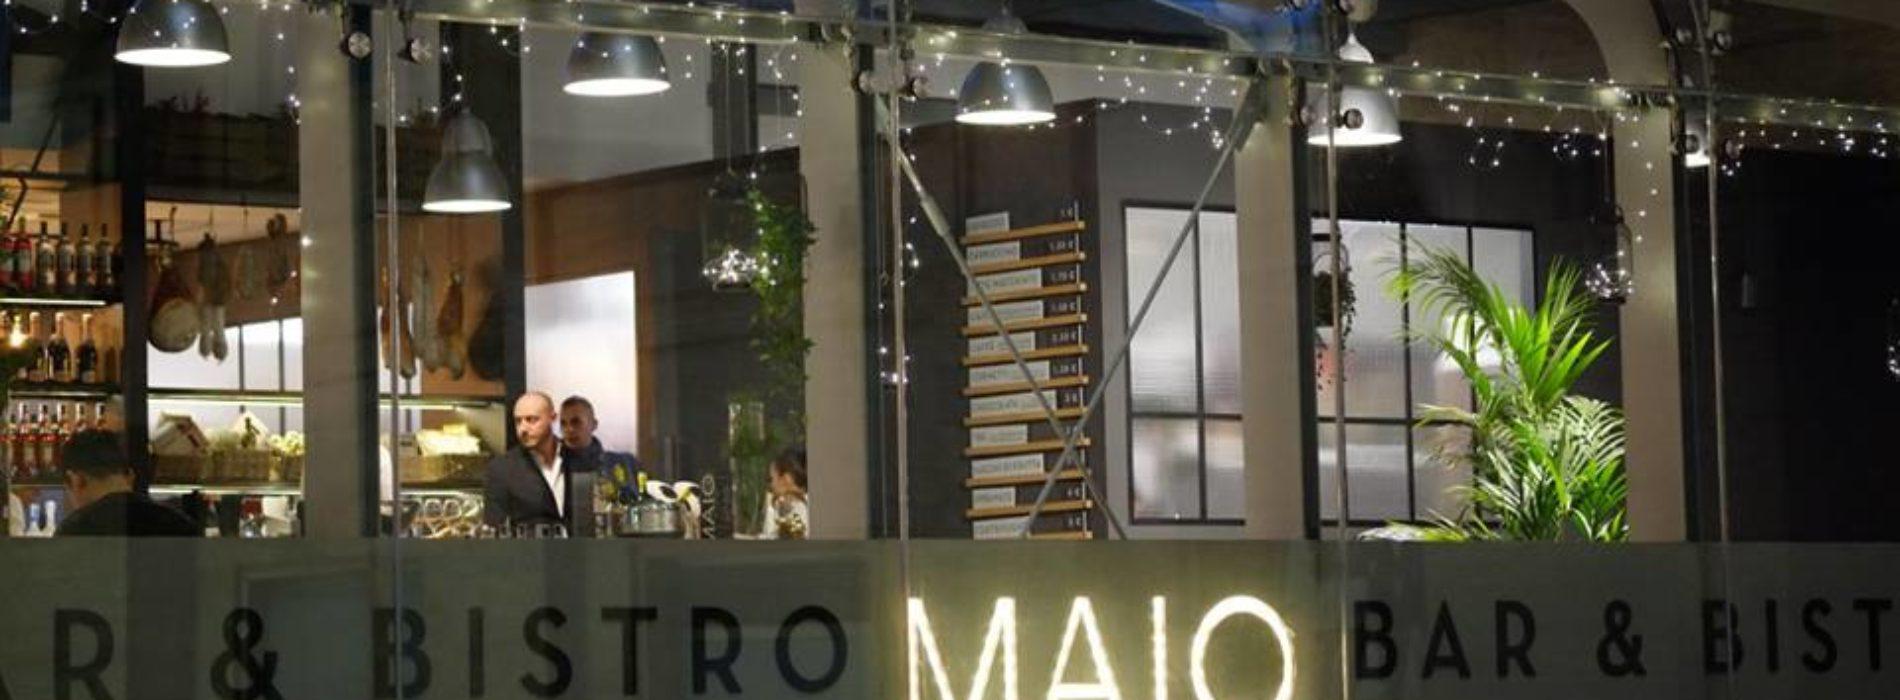 Maio Bar&Bistro Milano, per un pranzo chic e di qualità in Stazione Centrale